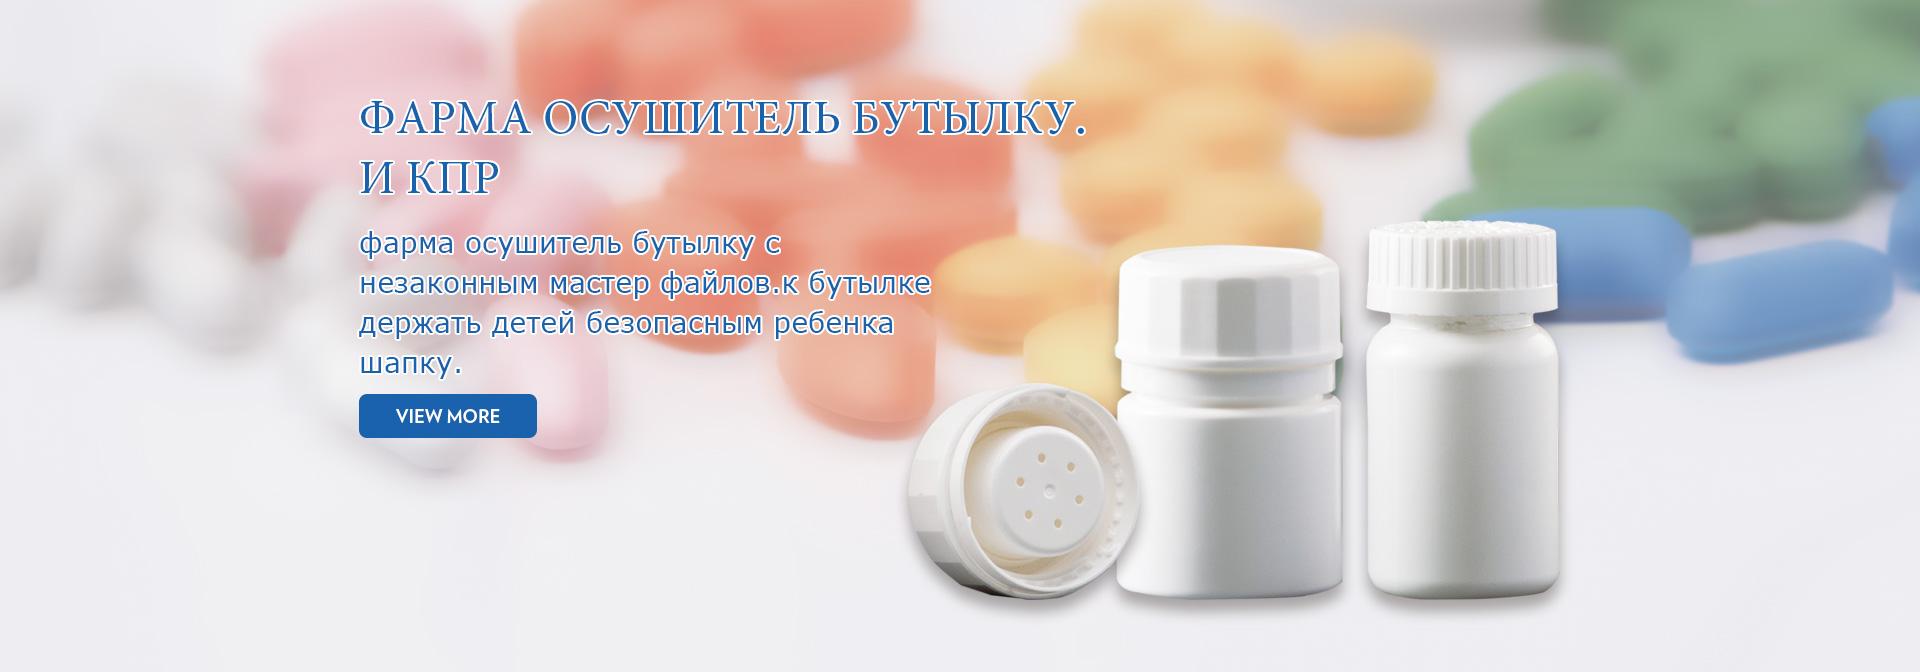 Бутылка фармацевтики и CRC